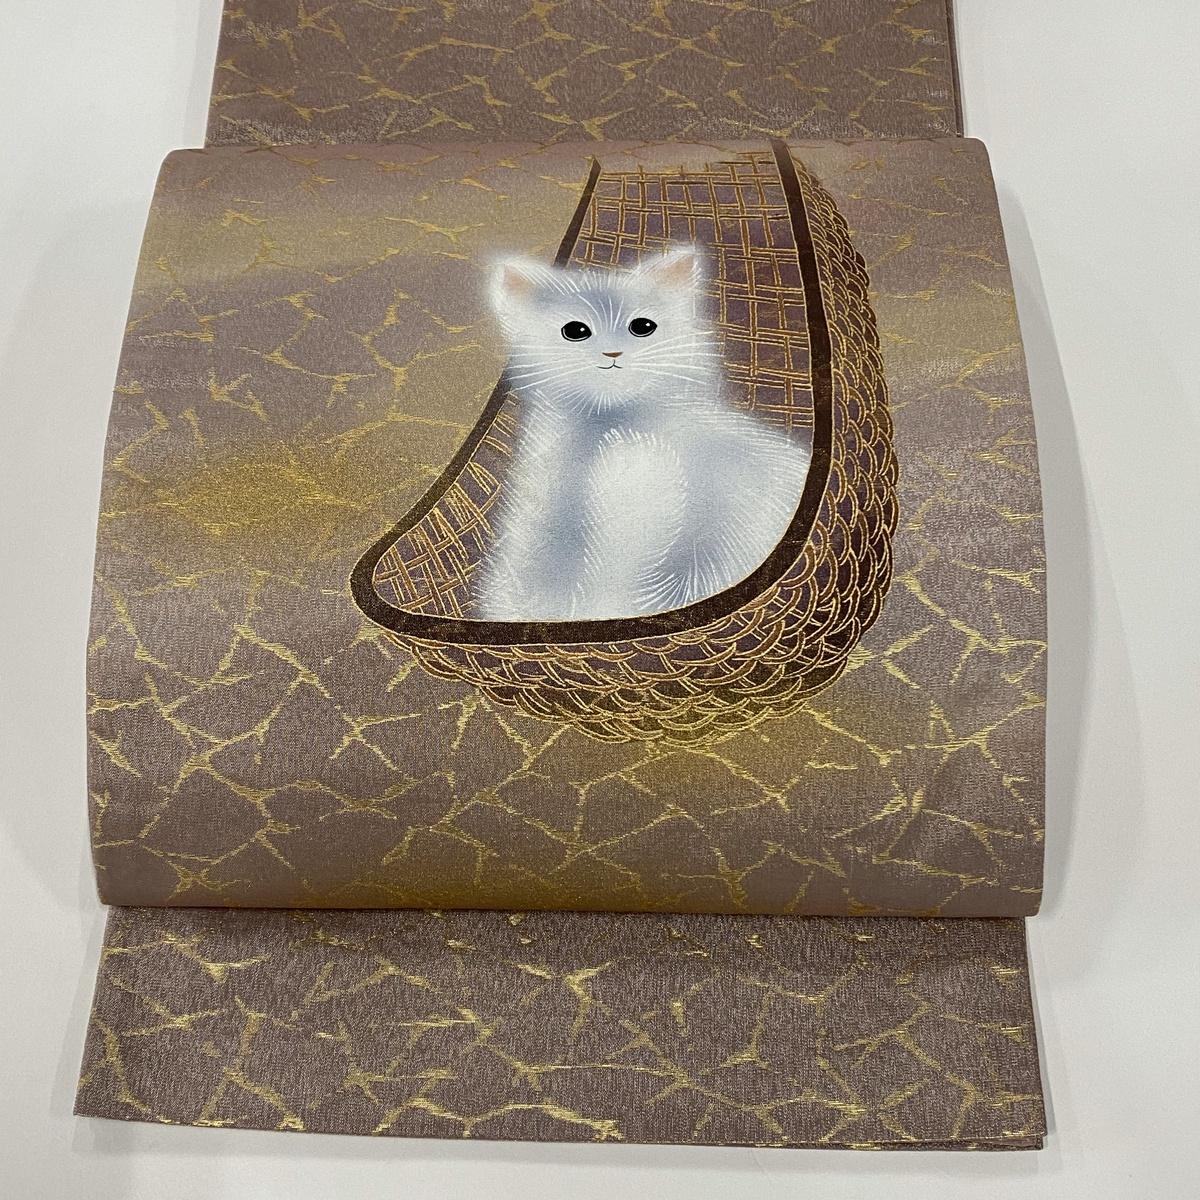 袋帯 美品 逸品 保存会同人 猫 毬 箔 金彩 薄紫 お太鼓柄 正絹 【中古】